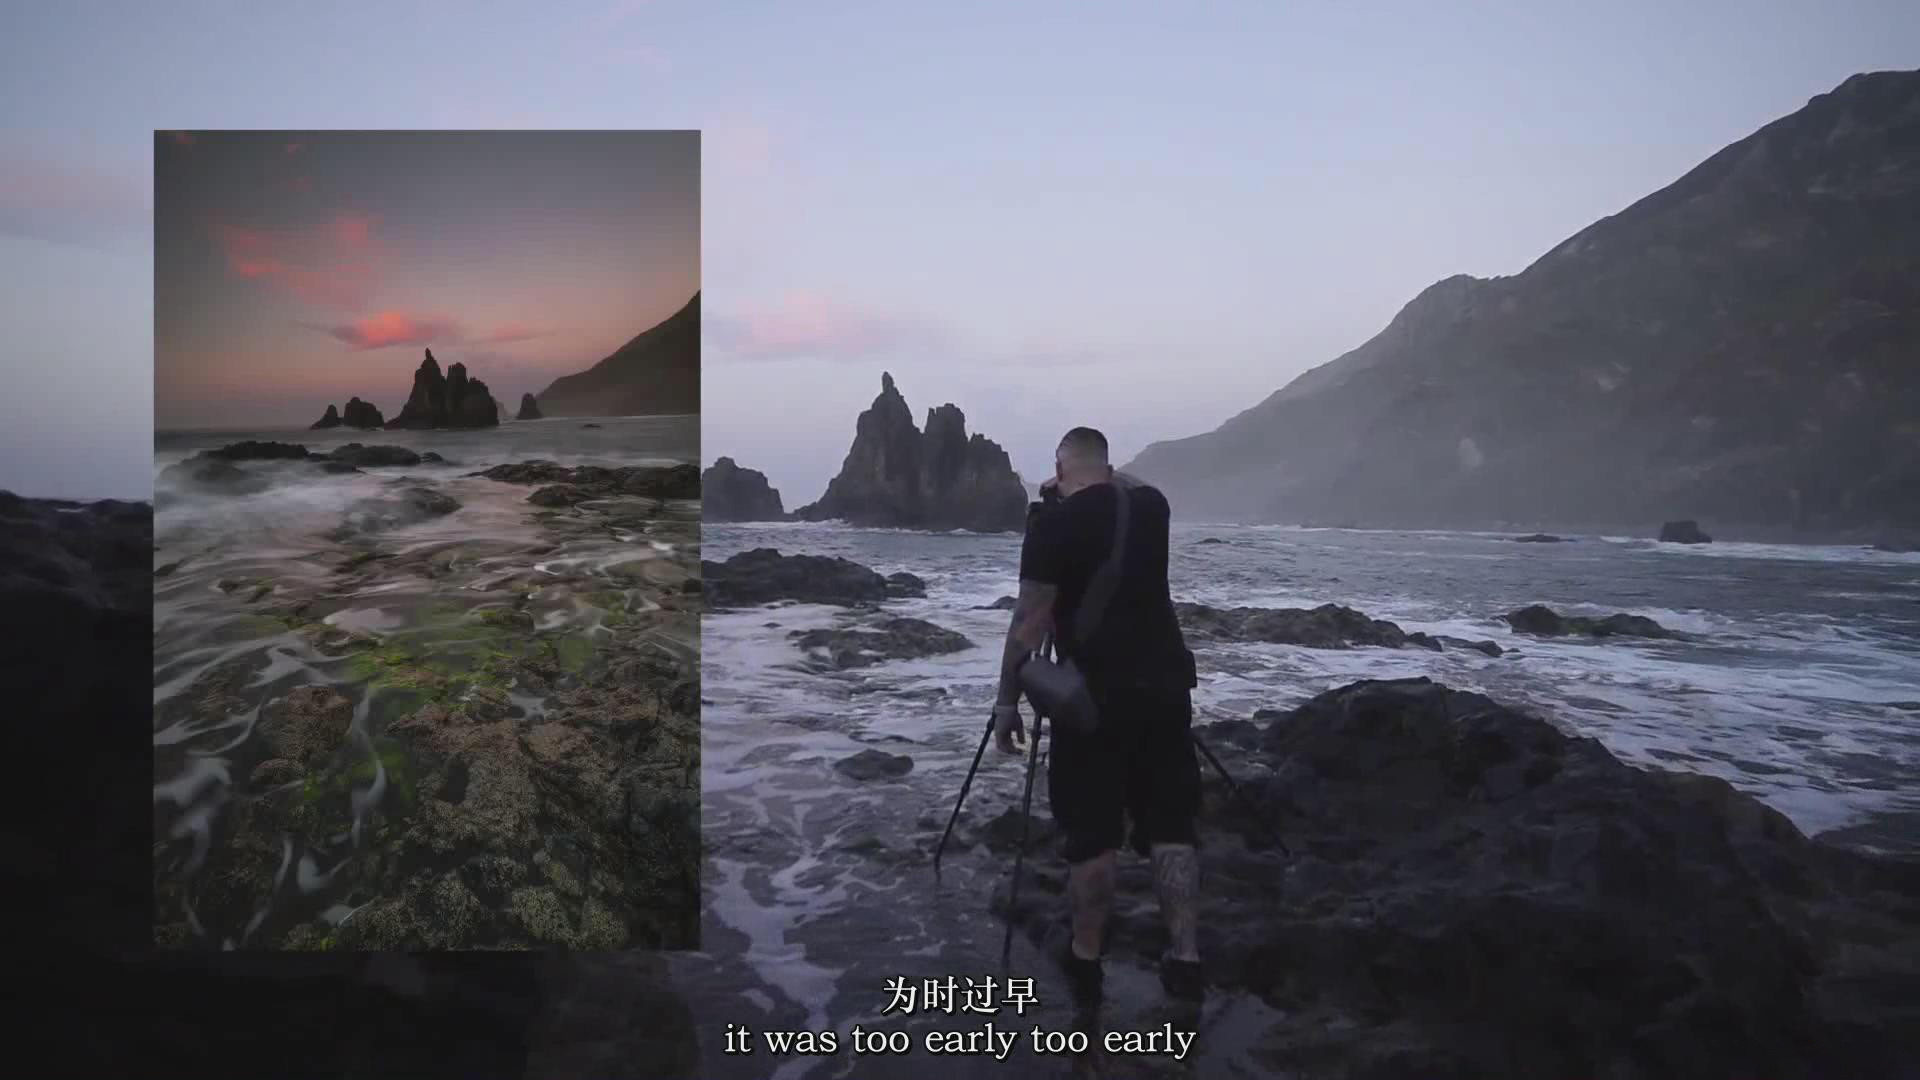 摄影教程_Fabio Antenore-风光摄影-海景长曝光摄影及后期教程附RAW素材-中英字幕 摄影教程 _预览图13